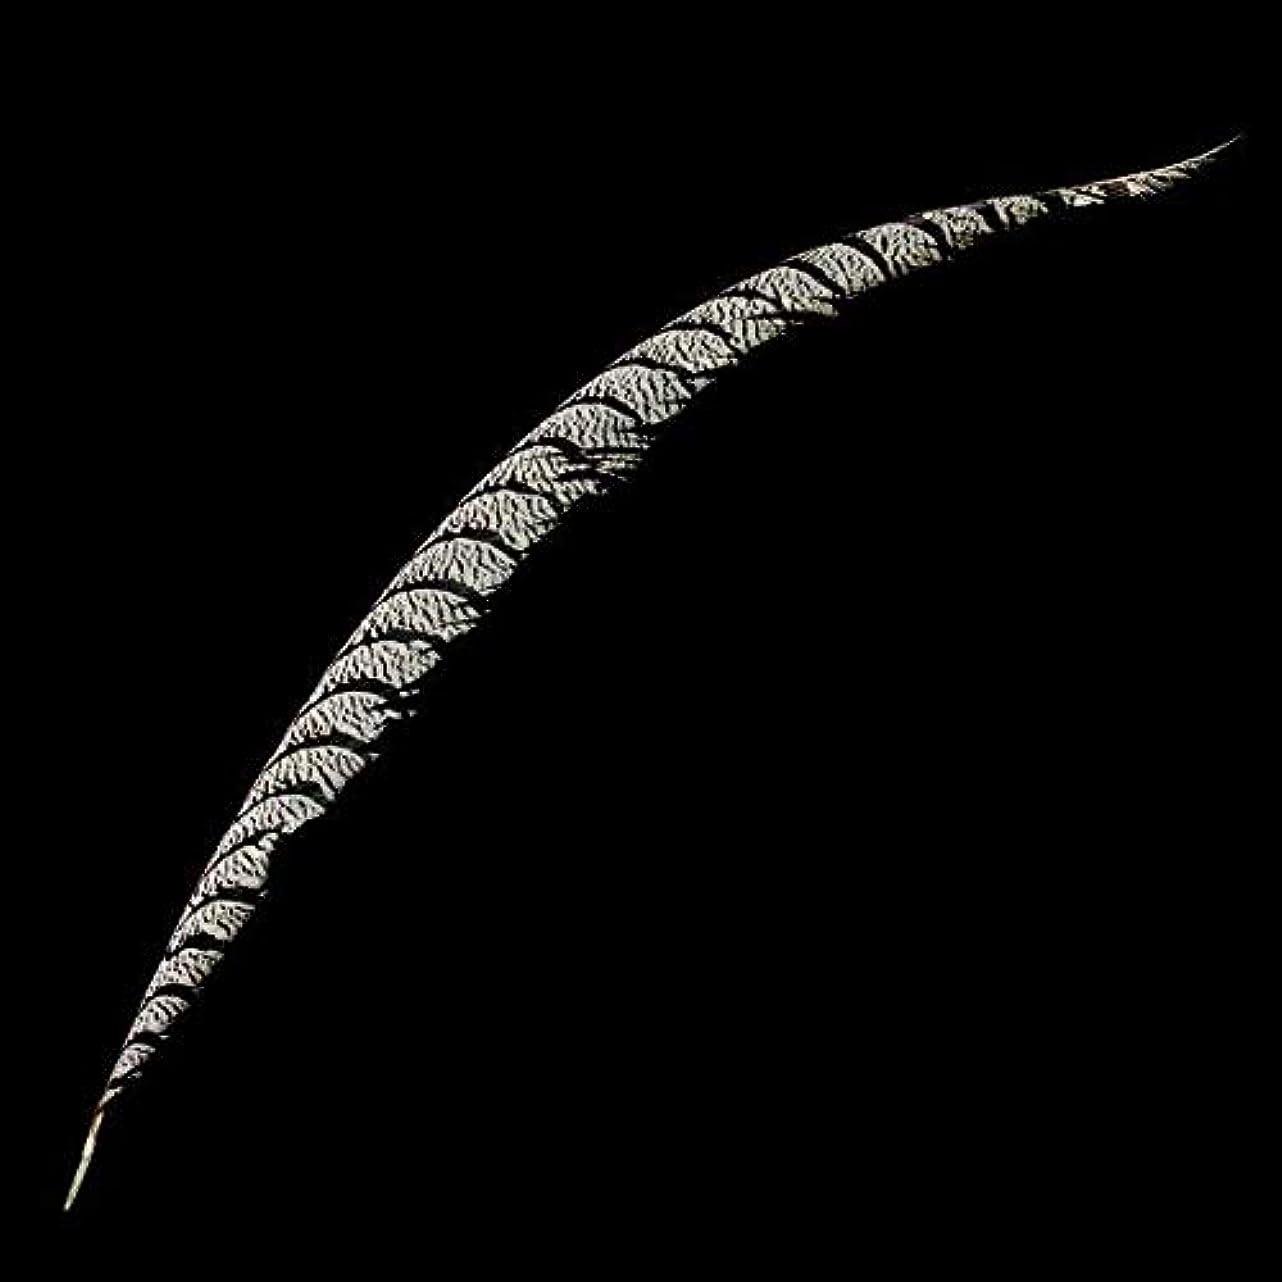 概念誇りに思う市場【ノーブランド品】羽根  装飾用 羽根 DIY ジュエリー 工芸品 ヘアアクセサリー バッグ 帽子 工芸品 クラフト ソーイング デコレーション用 12?18cm (ディープブルー)